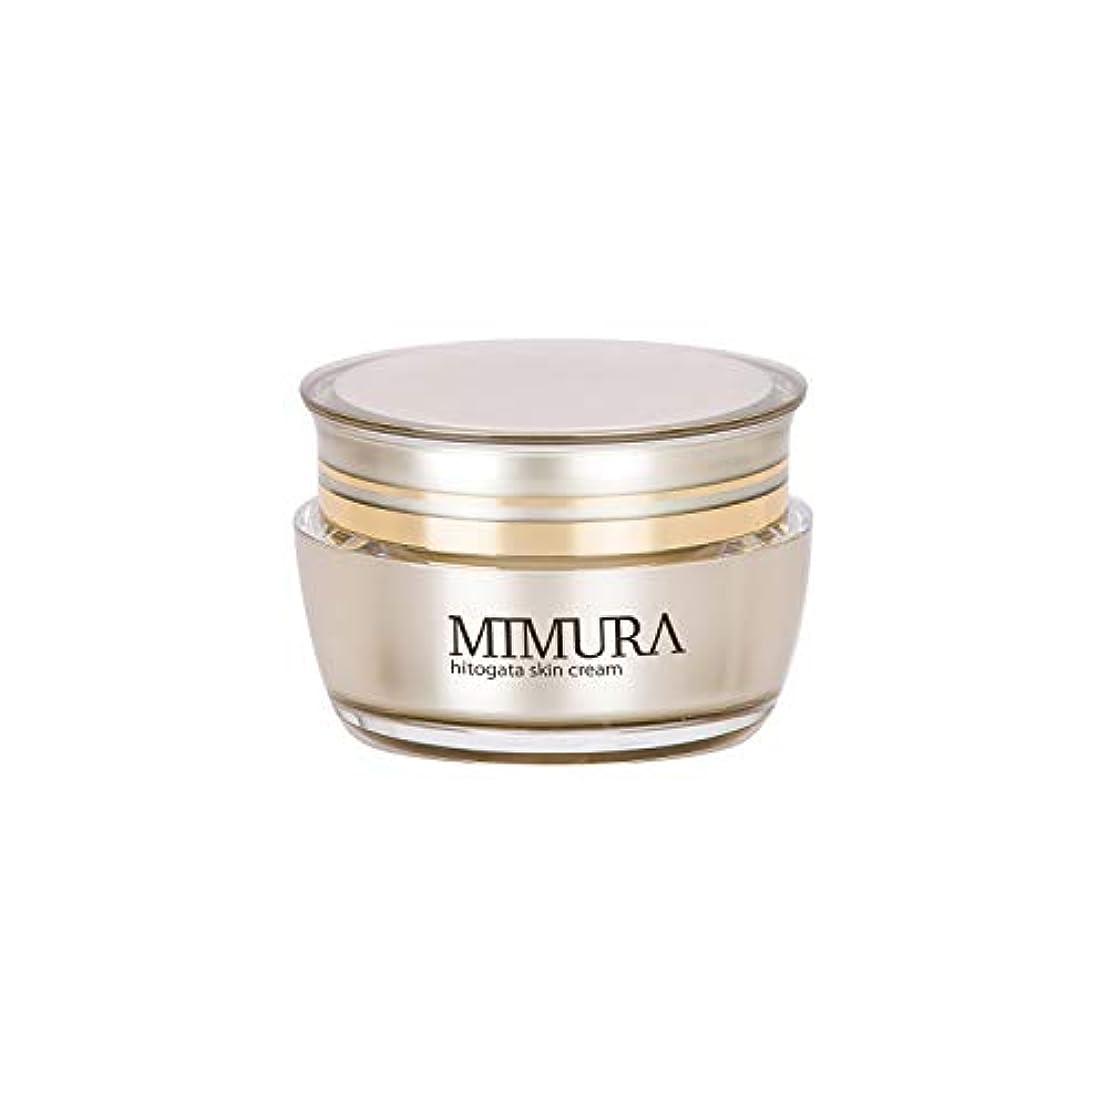 最も早いセールに賛成ヒト幹細胞 保湿クリーム ナノ キューブ ミムラ hitogata スキン クリーム 30g MIMURA 日本製